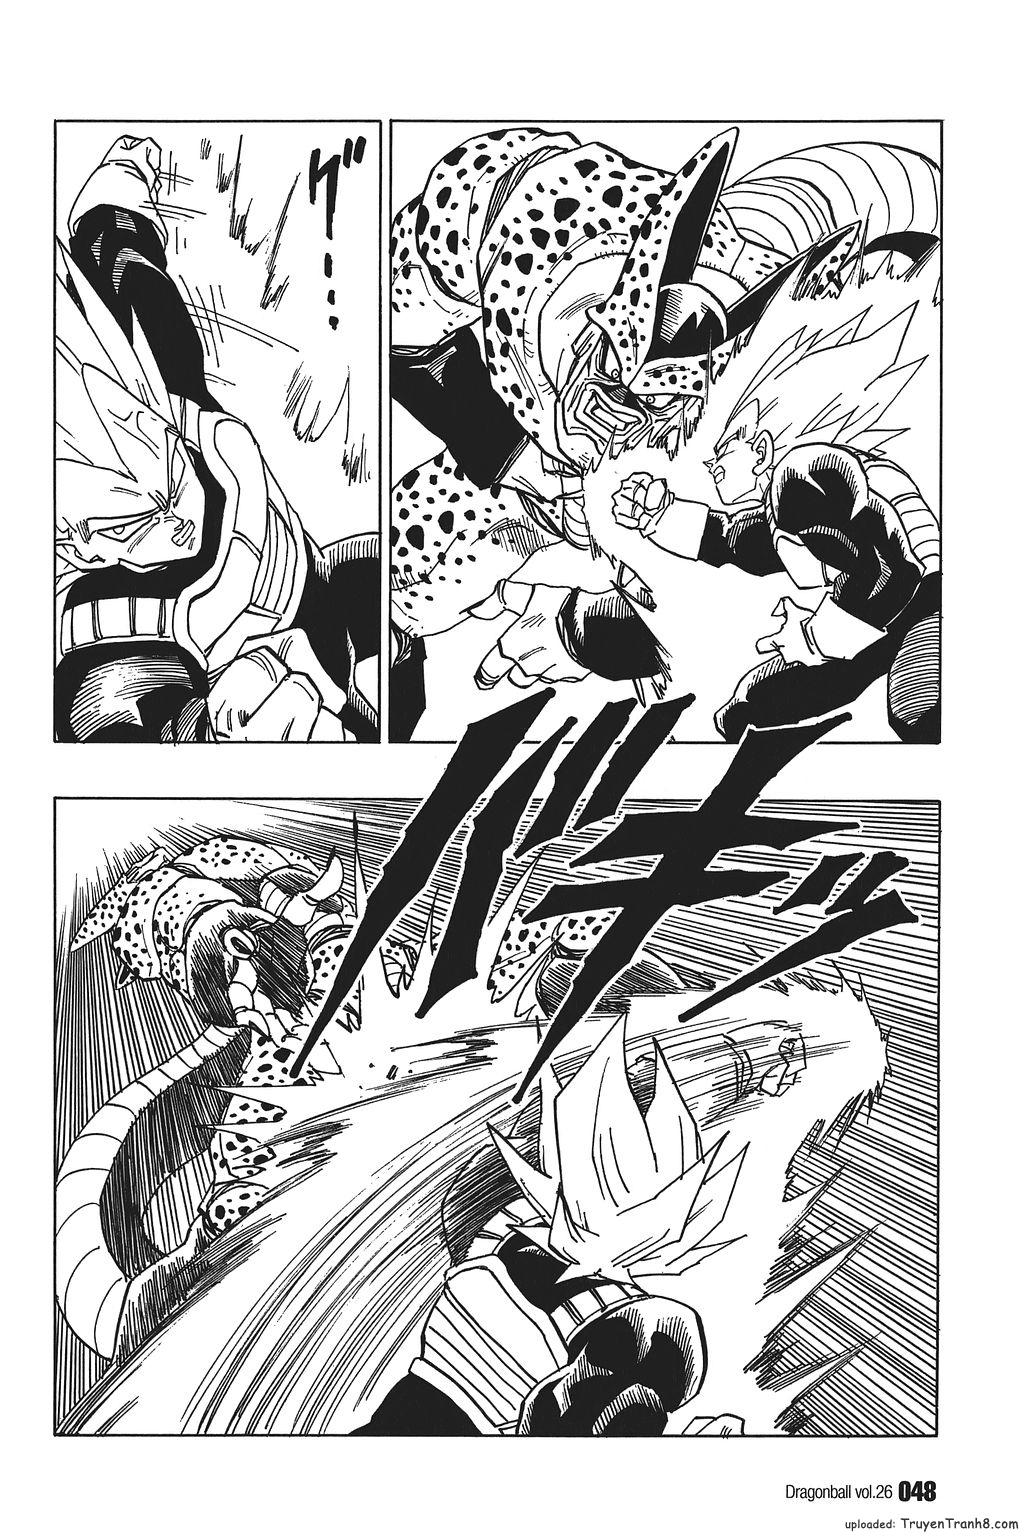 xem truyen moi - Dragon Ball Bản Vip - Bản Đẹp Nguyên Gốc Chap 378